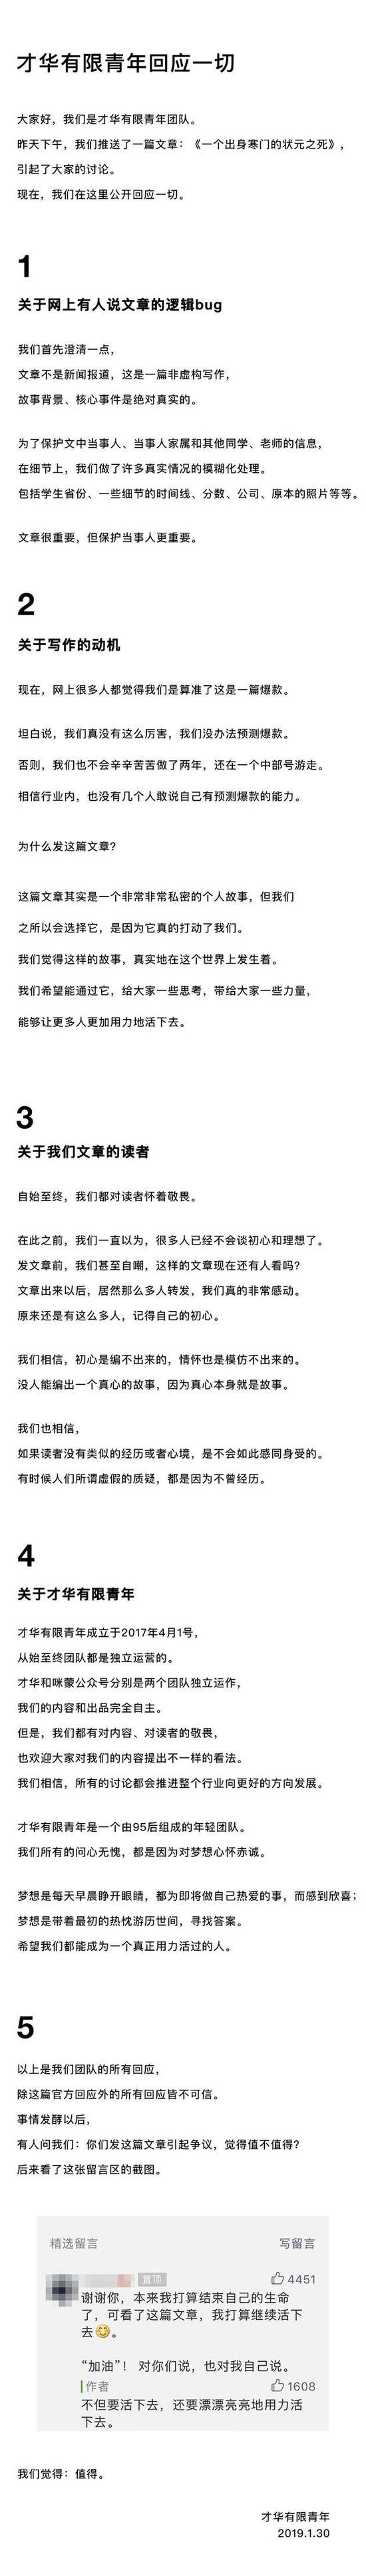 亚博app下载:才华有限青年回 应《一个出身寒门的状元之死》造假杜撰:非新闻 报道 事件真实